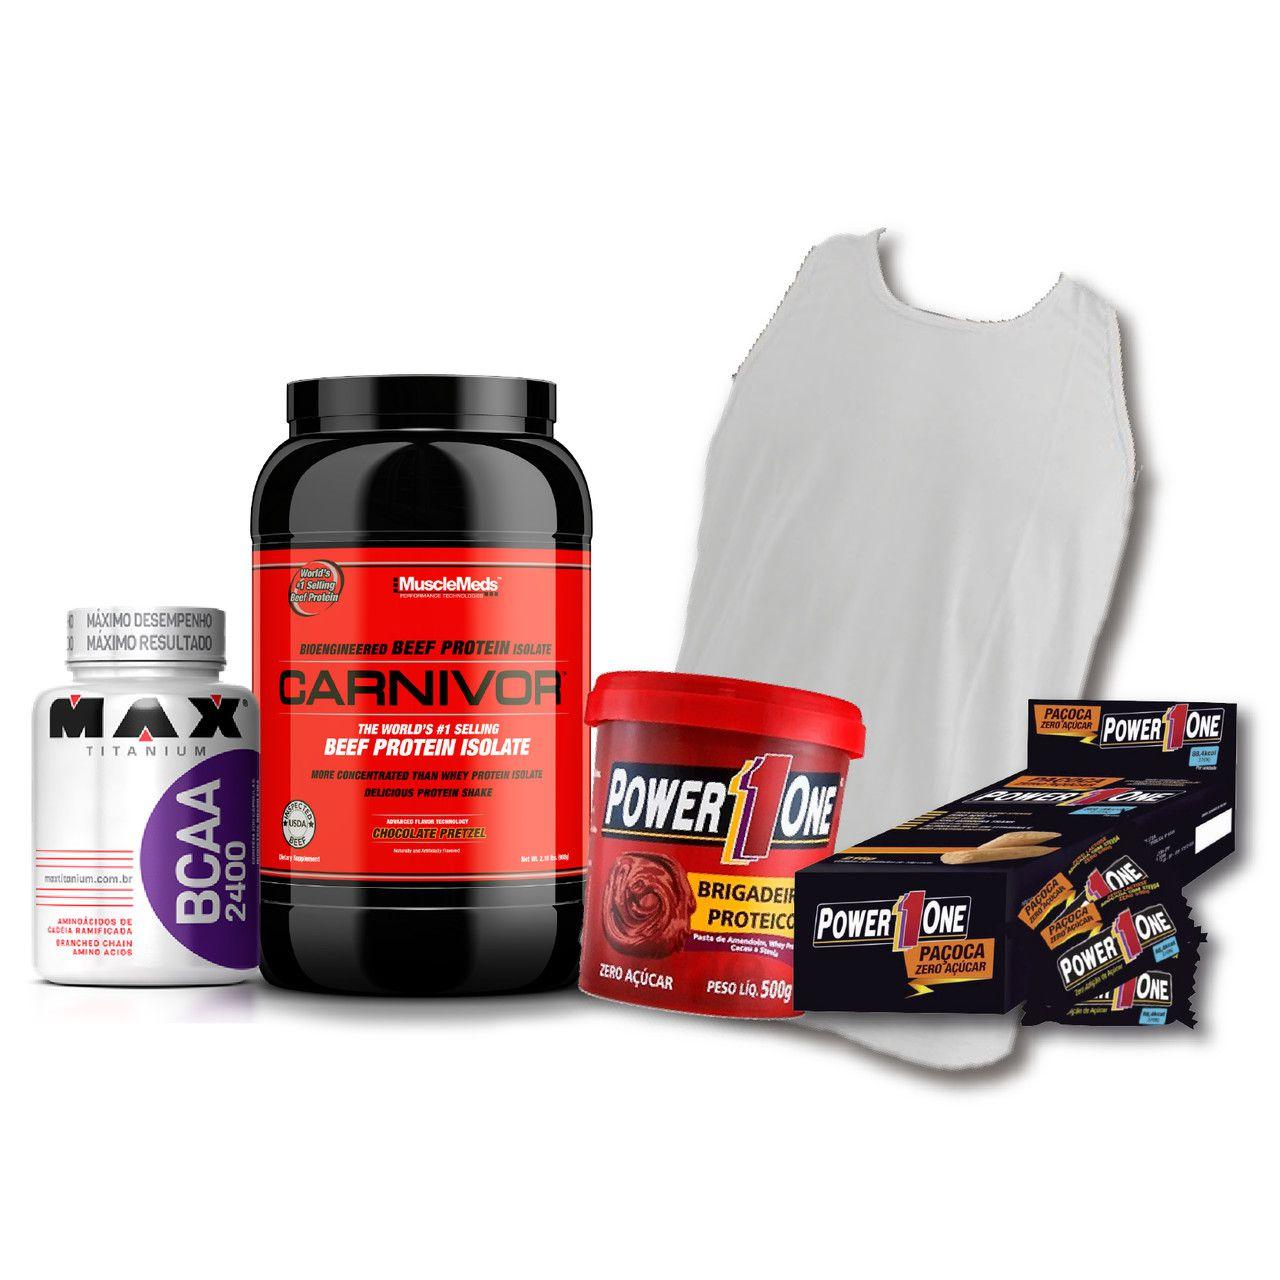 KIT: Carnivor Beef Protein 900g + Camiseta Probiótica + Pasta de Brigadeiro + Caixa de Paçoca + BCAA 2400